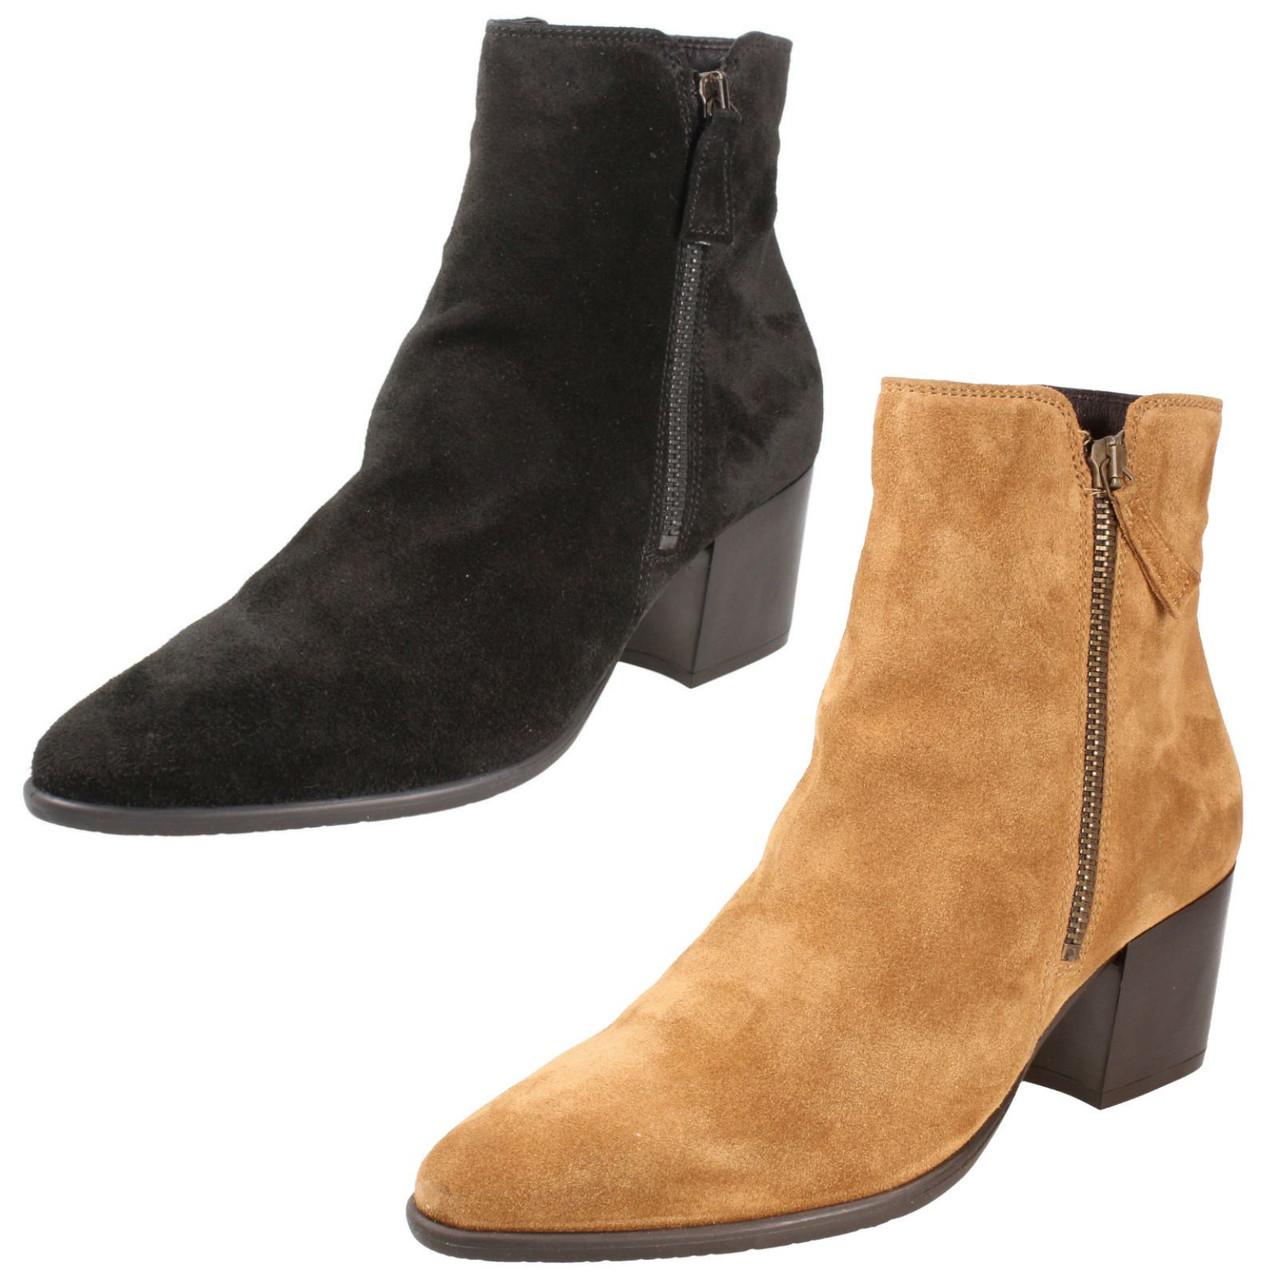 Ladies Clarks Heel Ankle Boots Isabella Zip